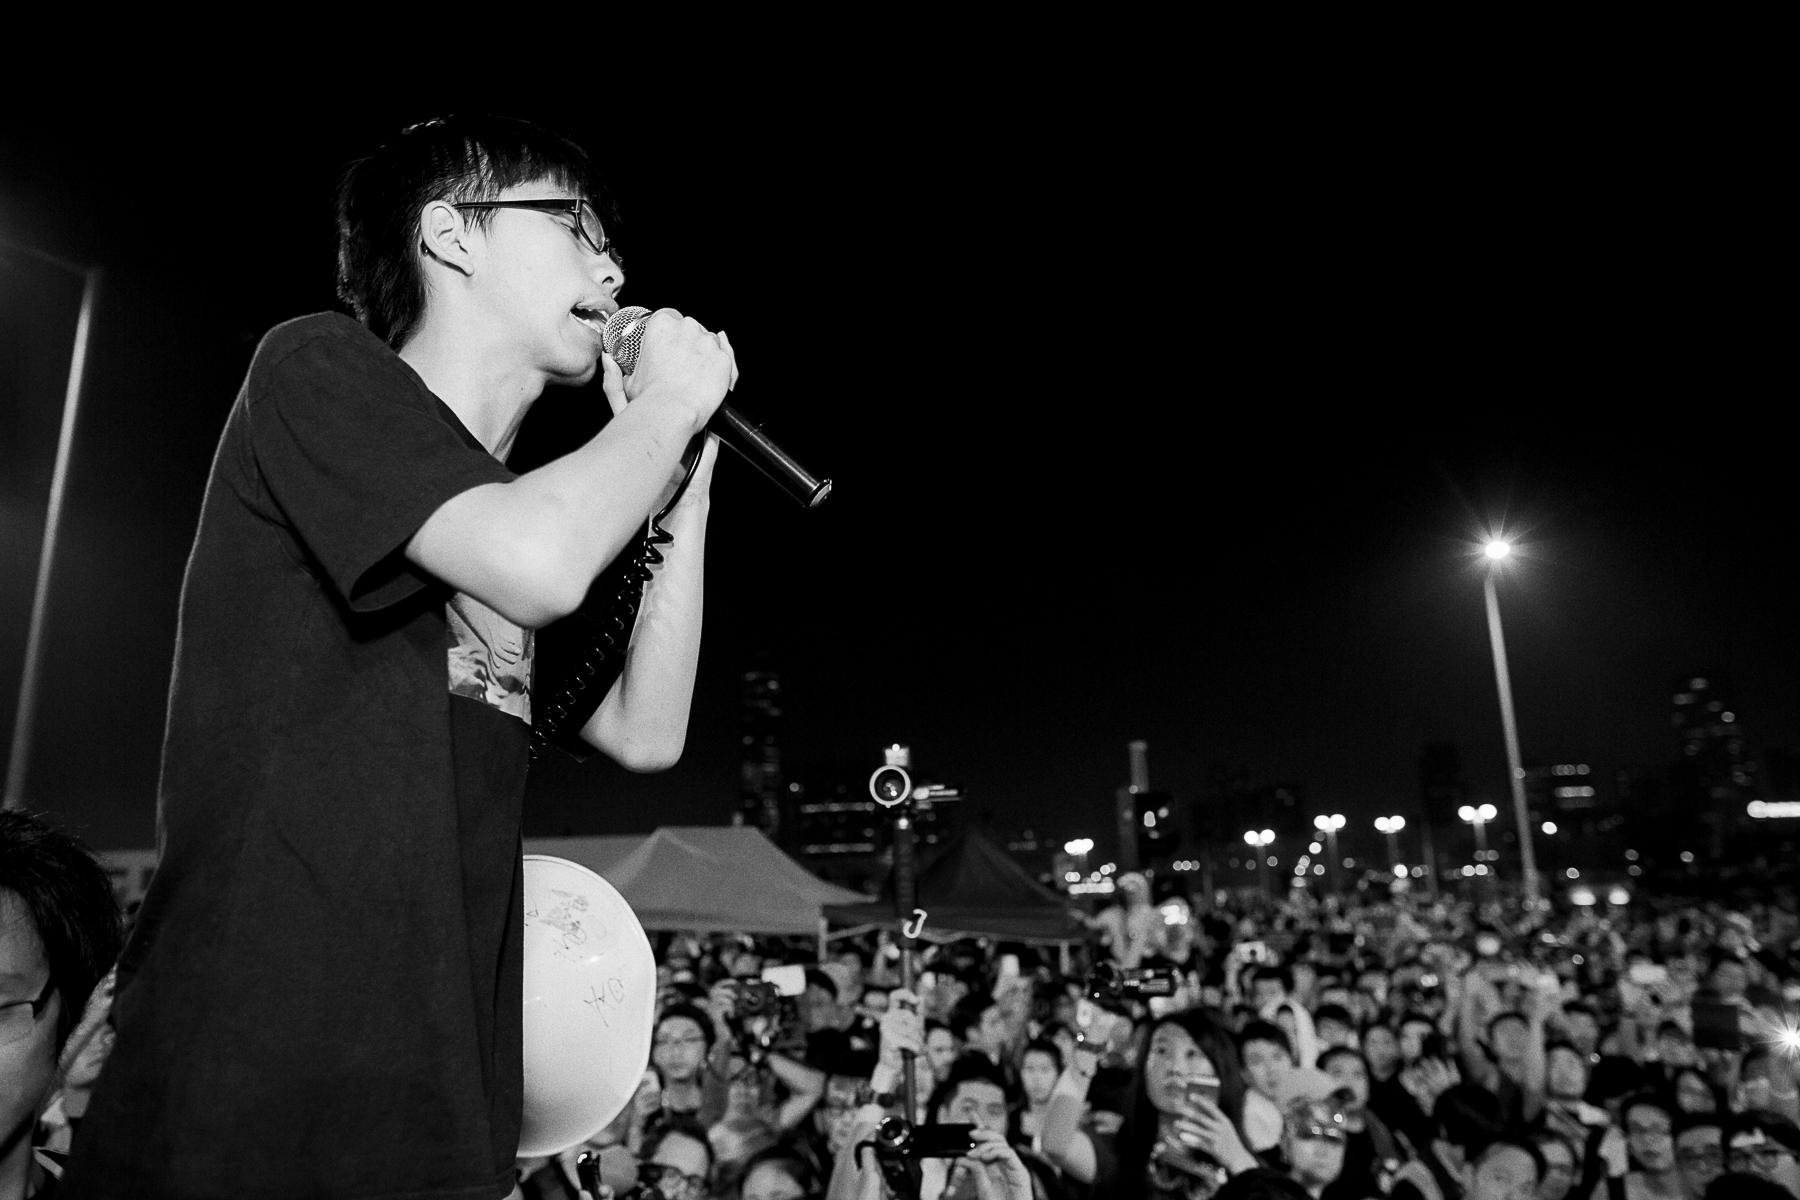 Manifestations pro-démocratique, le leader un étudiant de 17 ans Joshua Wong.Joshua Wong avec Lester Shum leader de la fédération des étudiants de Hong kong.Prise de parole de Joshua wong